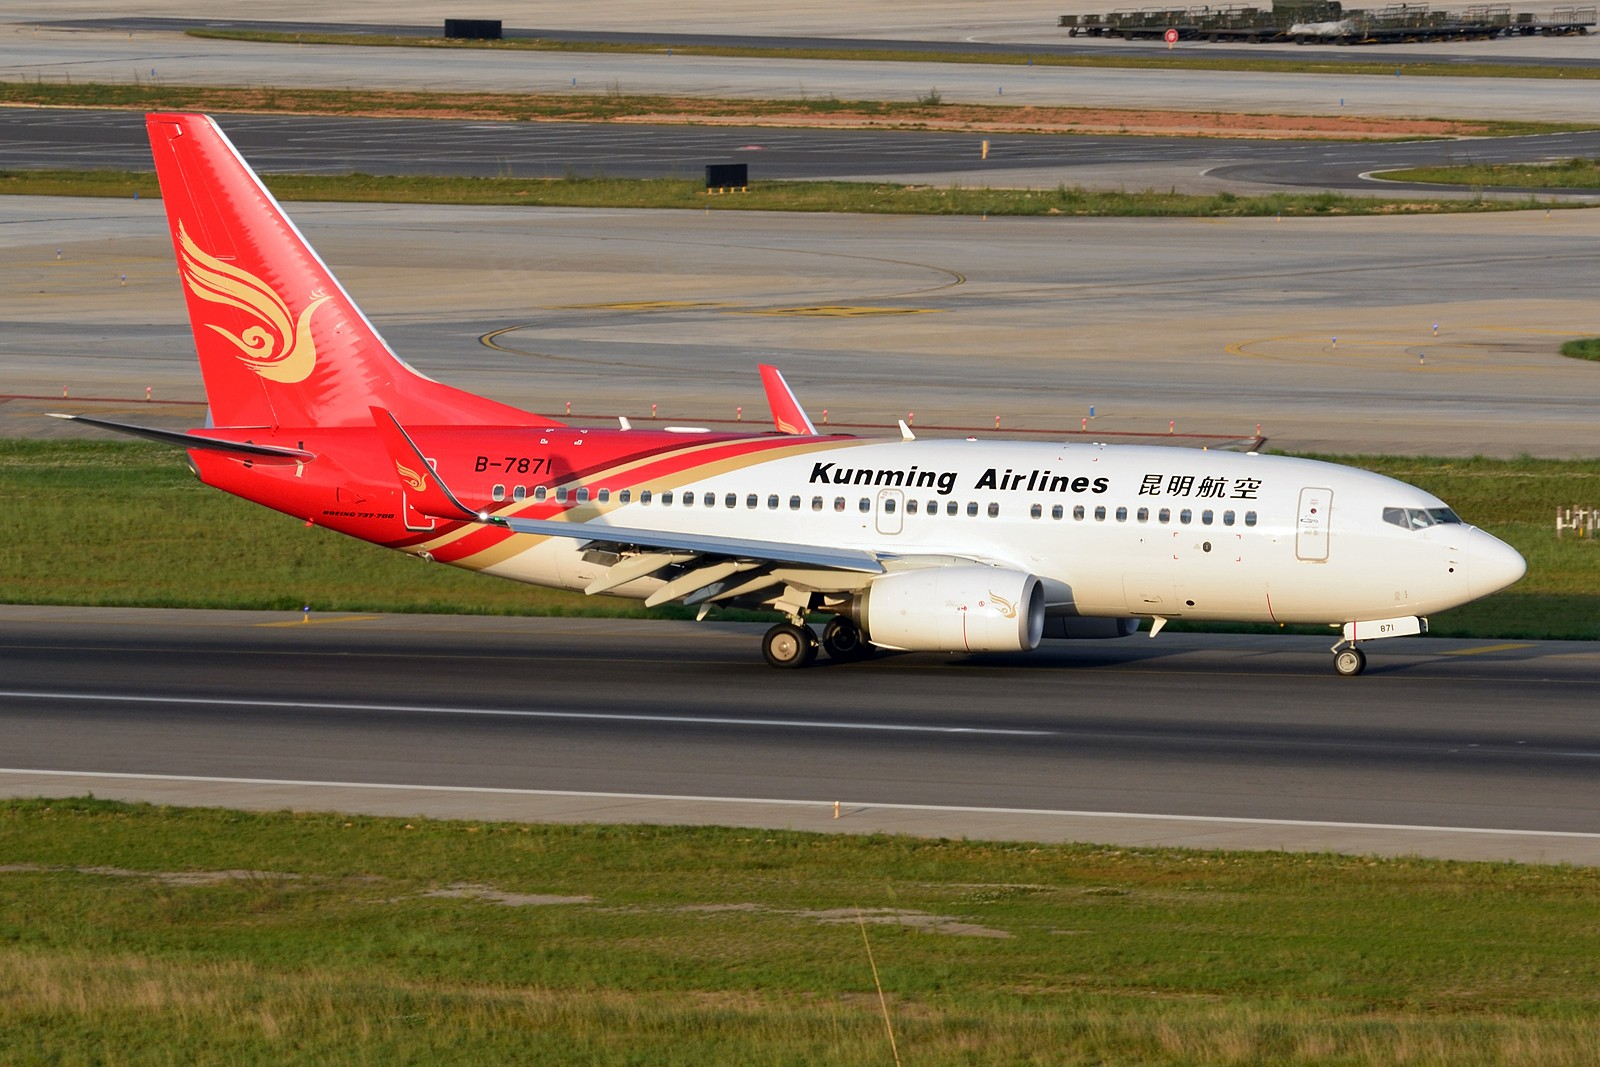 Re:[原创]【KMG】发几张长水的存货,提前祝大家国庆快乐~~~ BOEING 737-700 B-7871 中国昆明长水国际机场